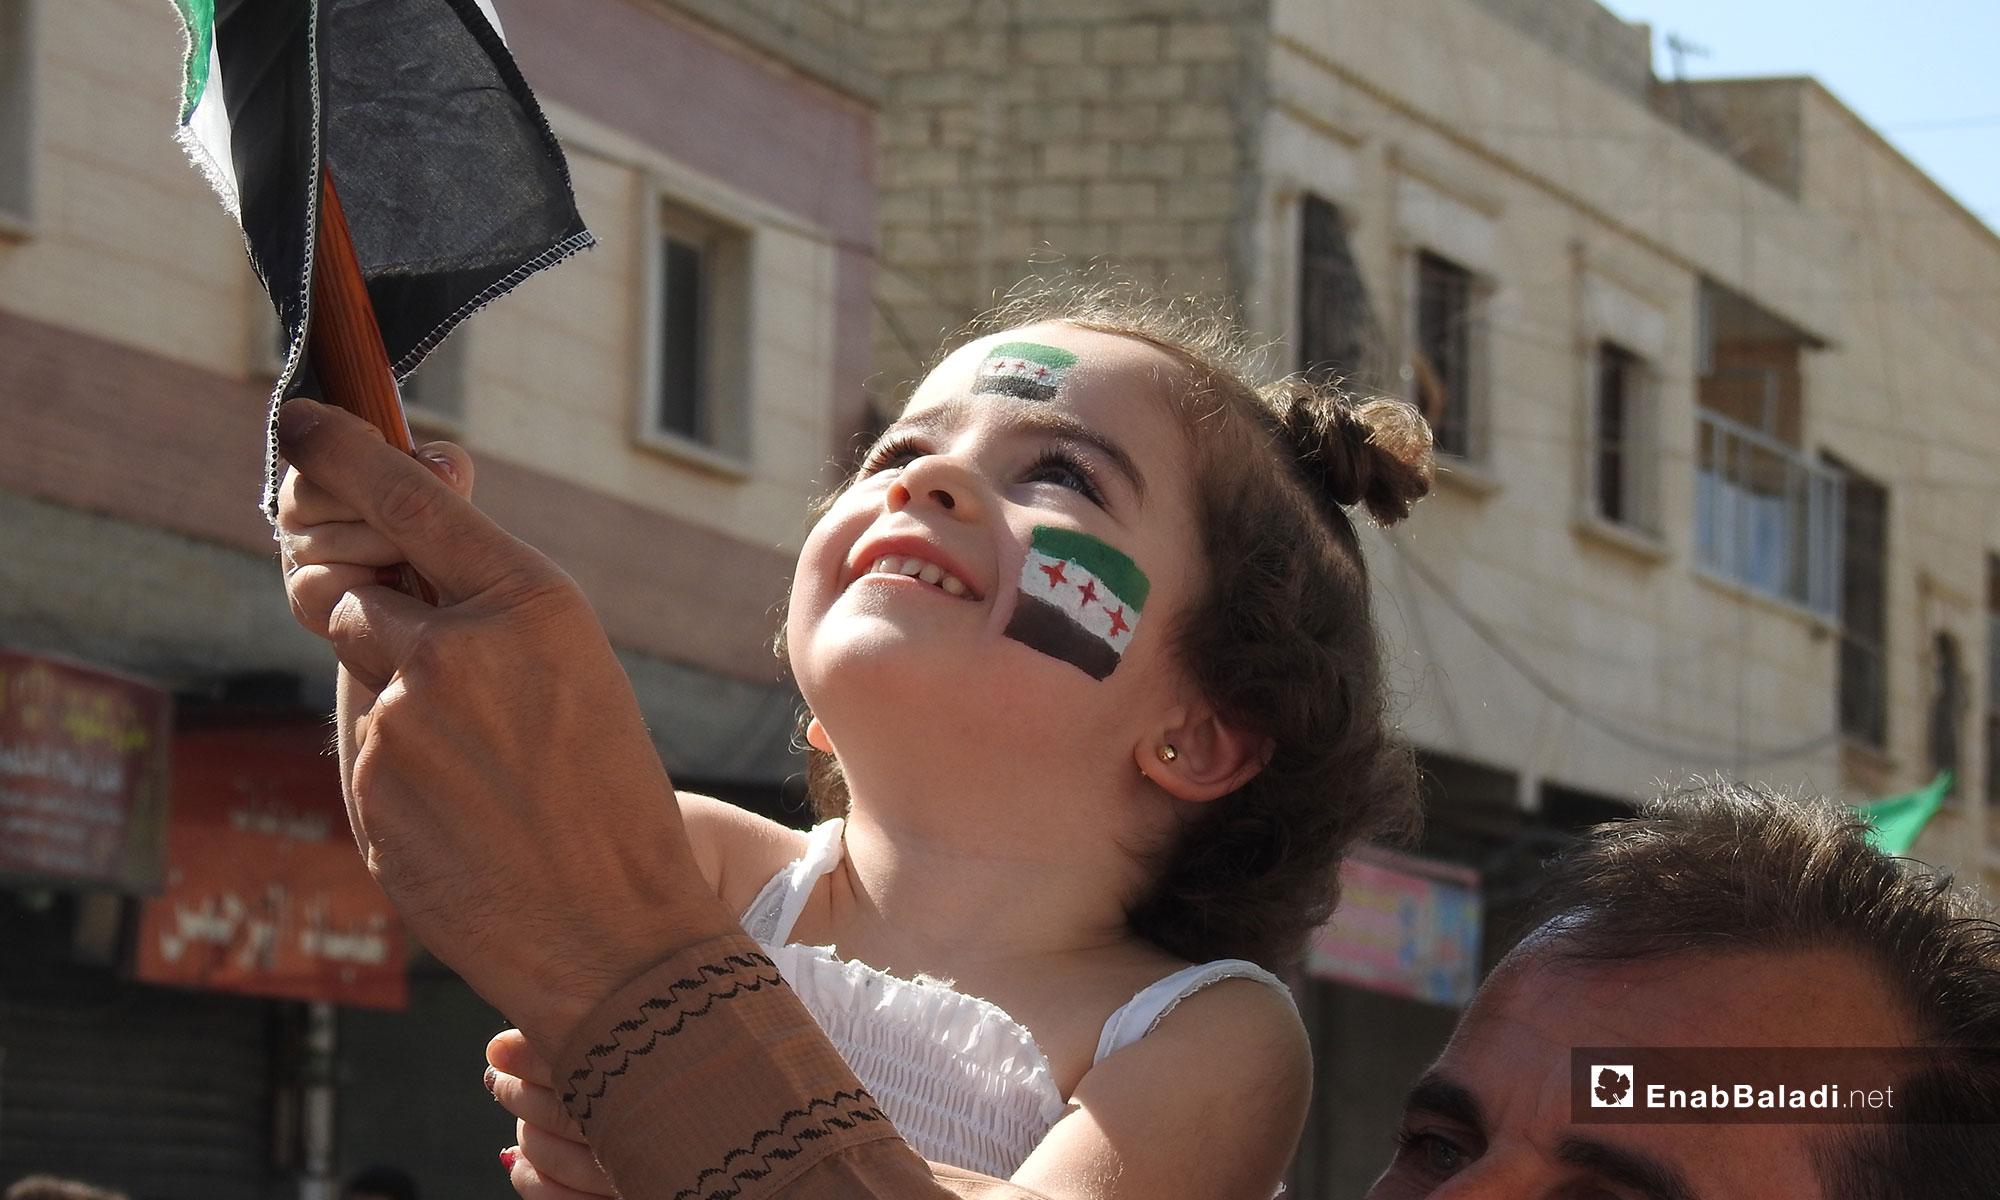 طفلة خلال مظاهرات في بلدة مارع بريف حلب طالبت بإسقاط النظام السوري- 5 تشرين الأول 2018 (عنب بلدي)